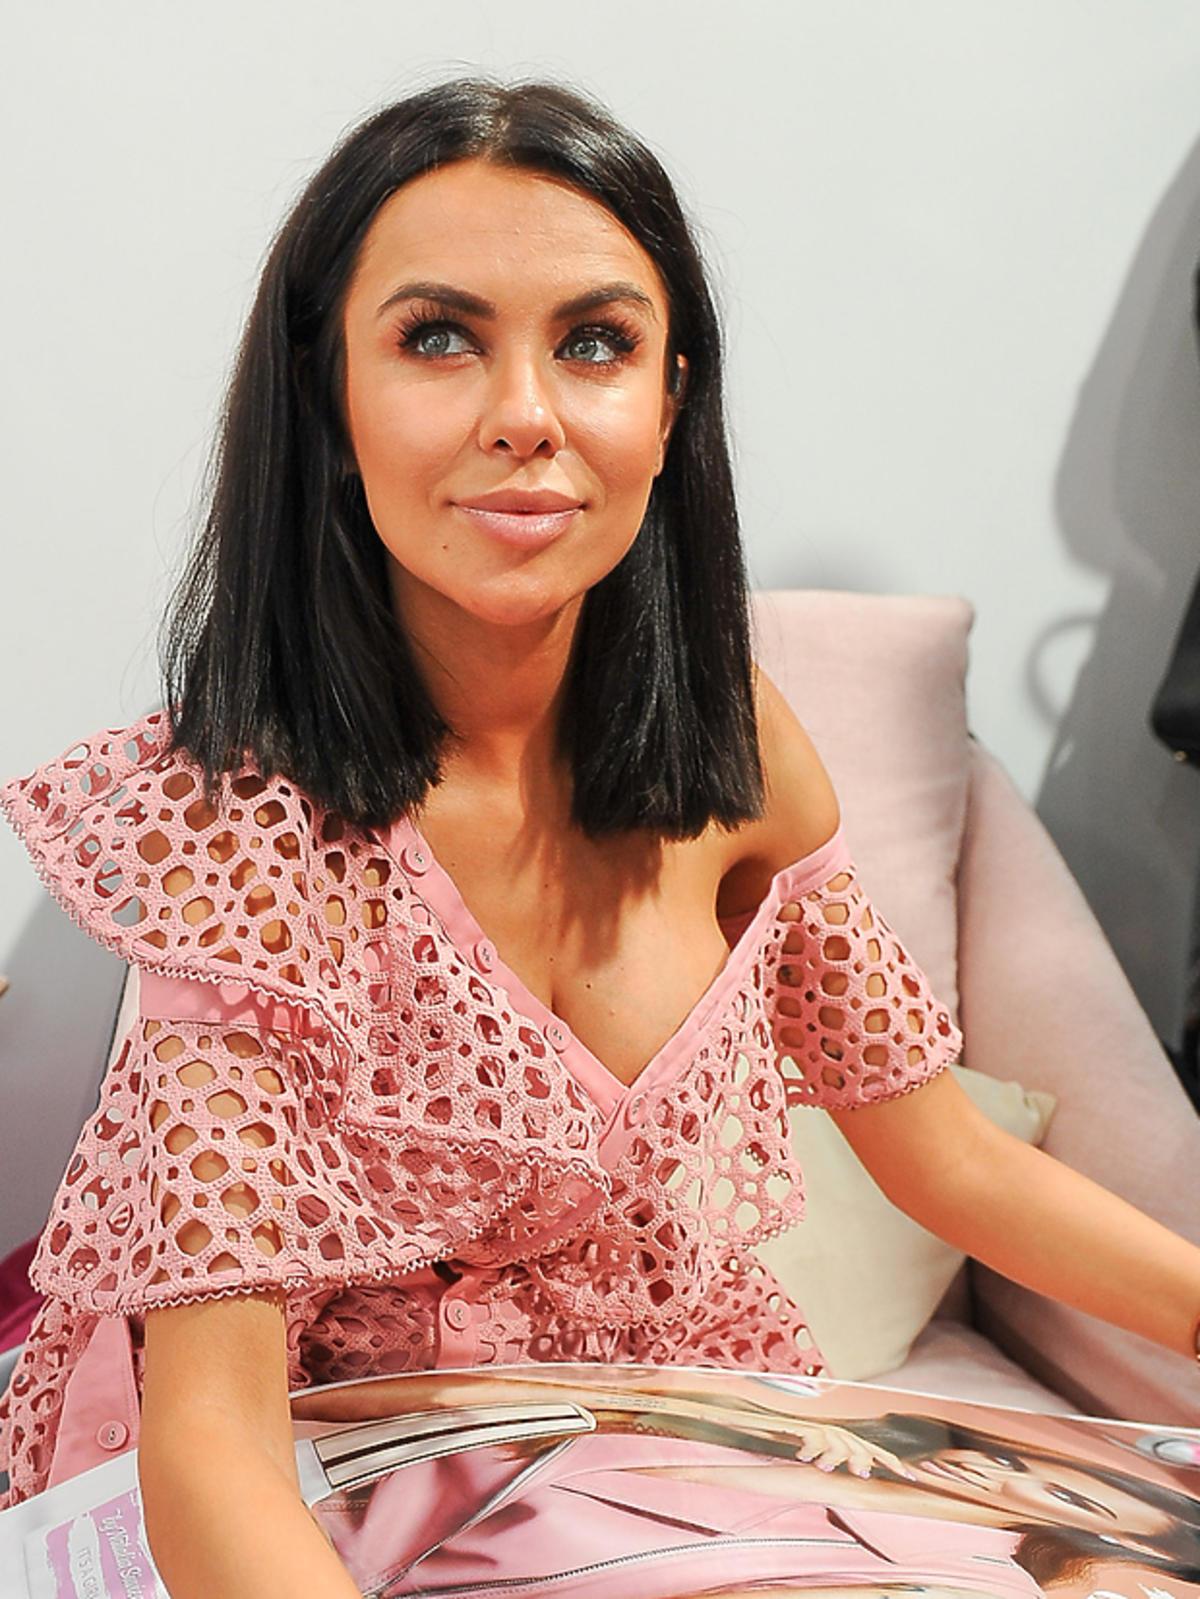 Natalia Siwiec pierwszy raz na salonach po urodzeniu dziecka